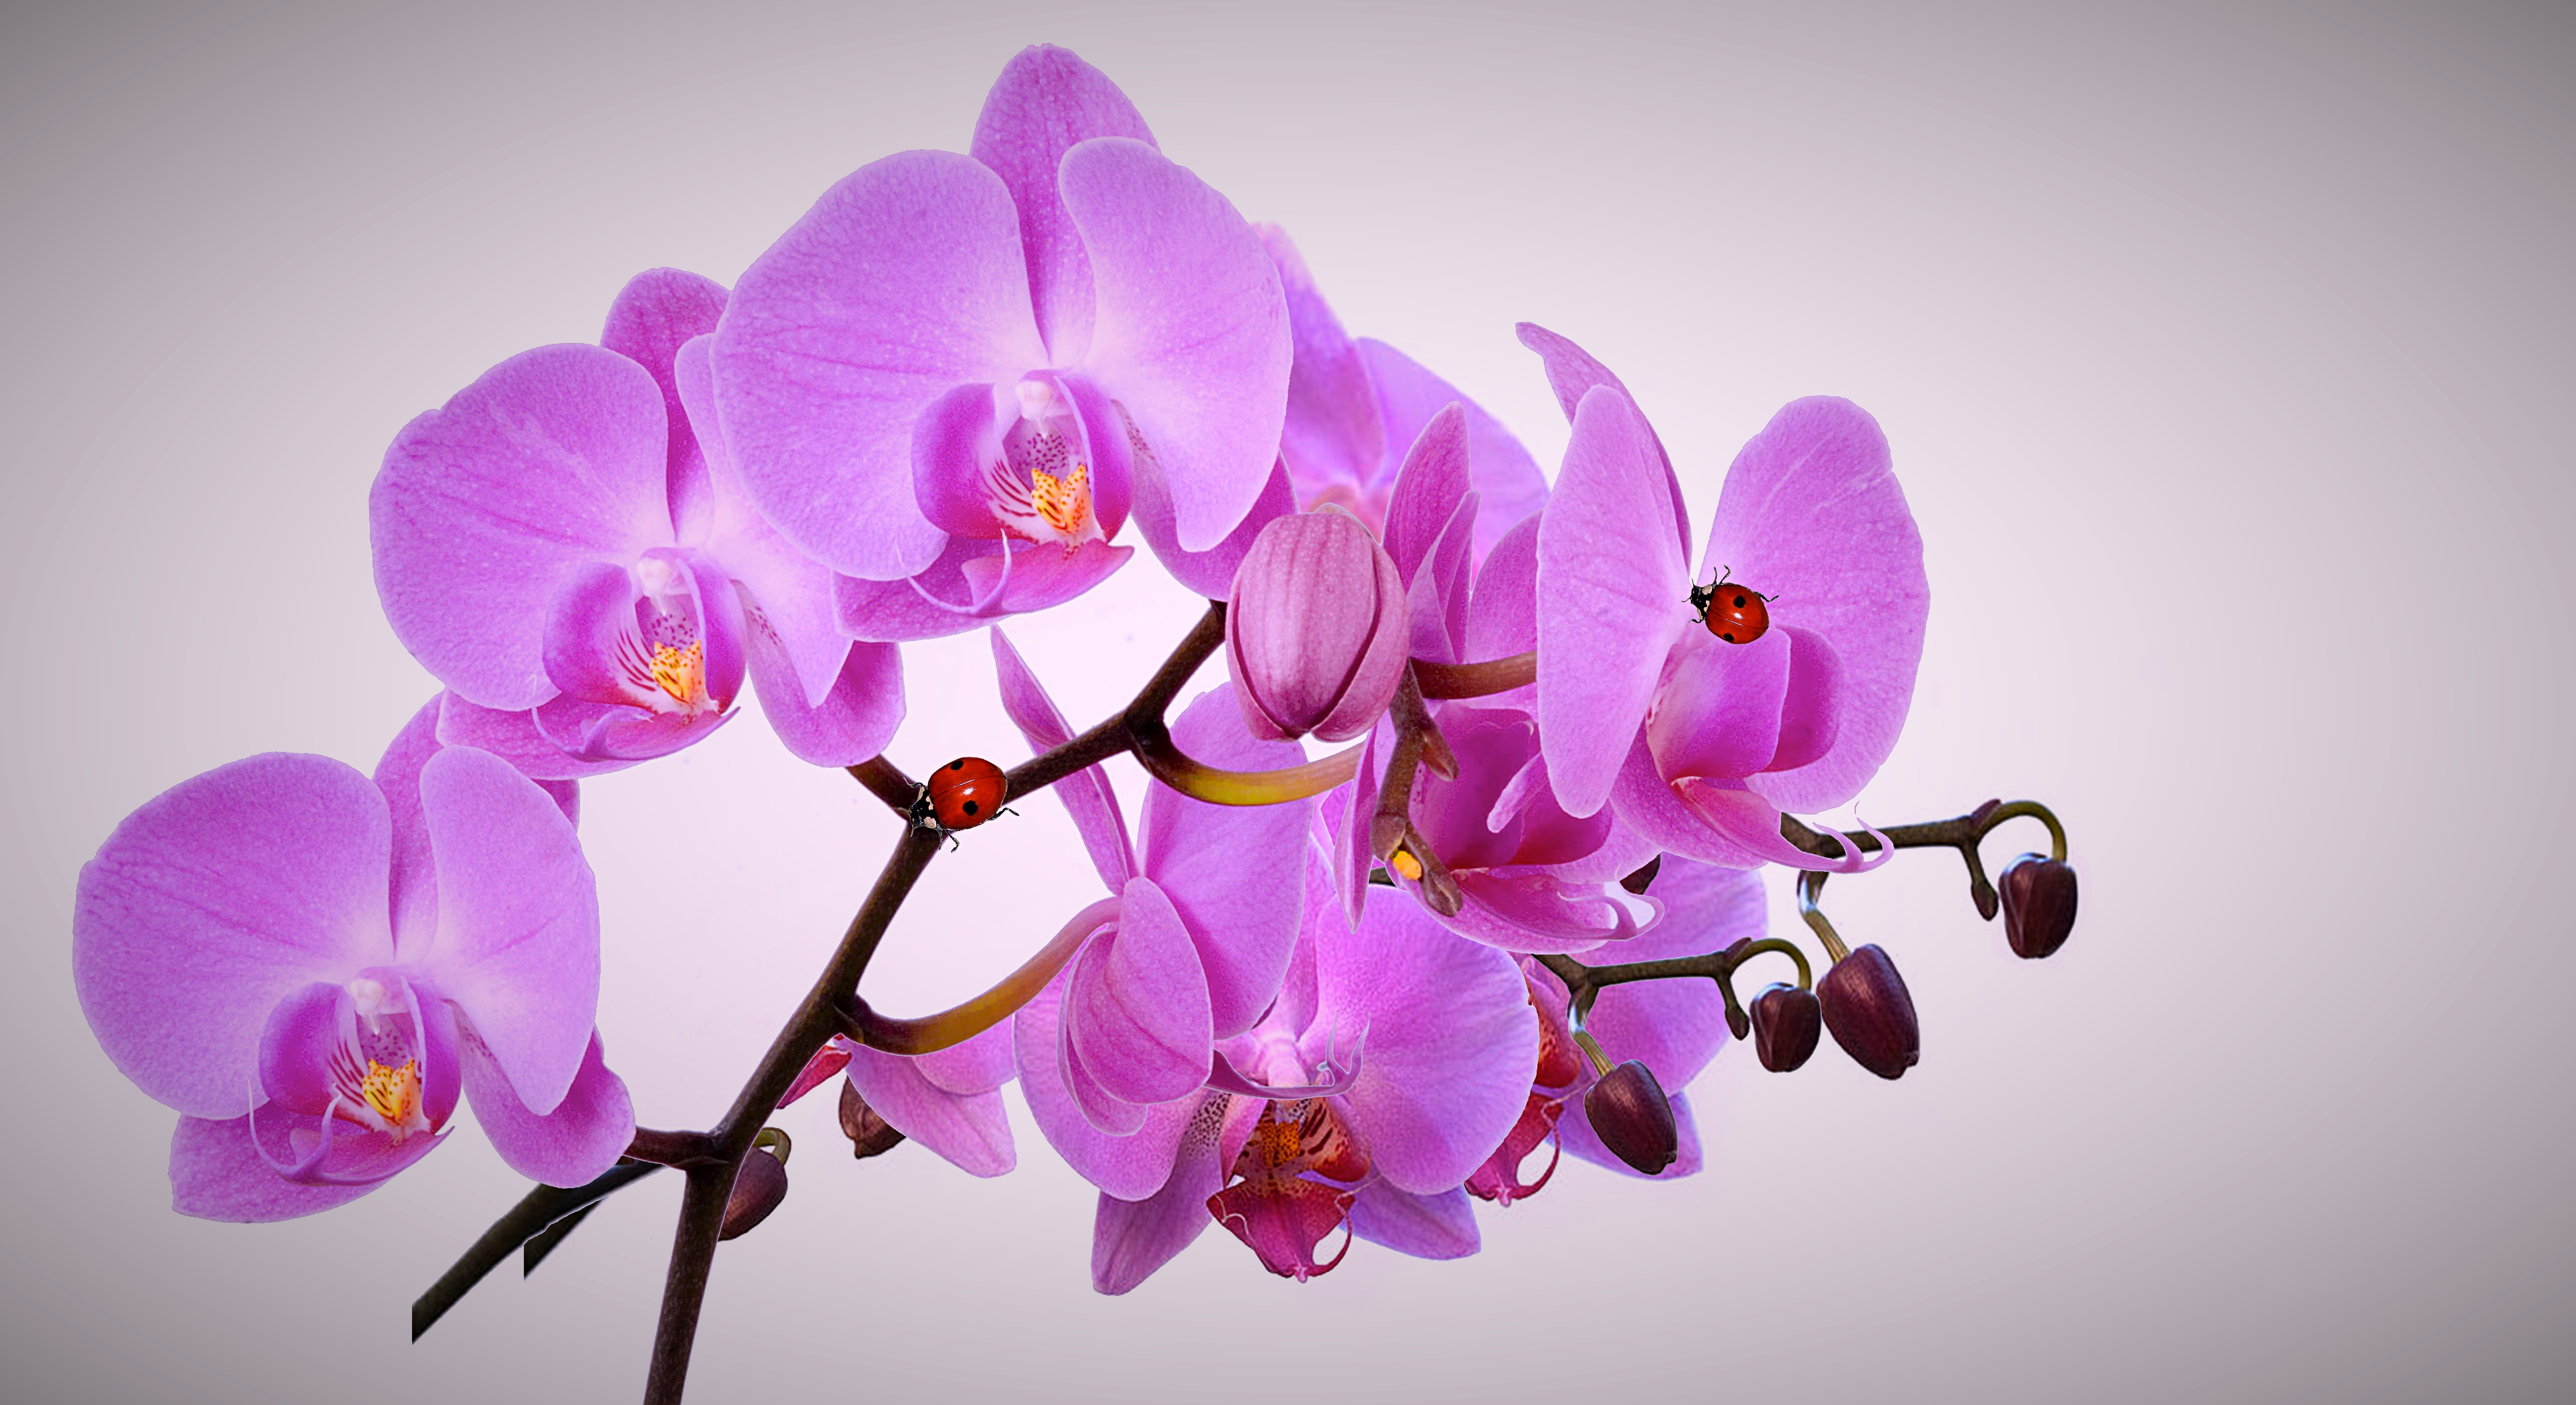 картинки орхидей хорошего качества стиль, позволяет